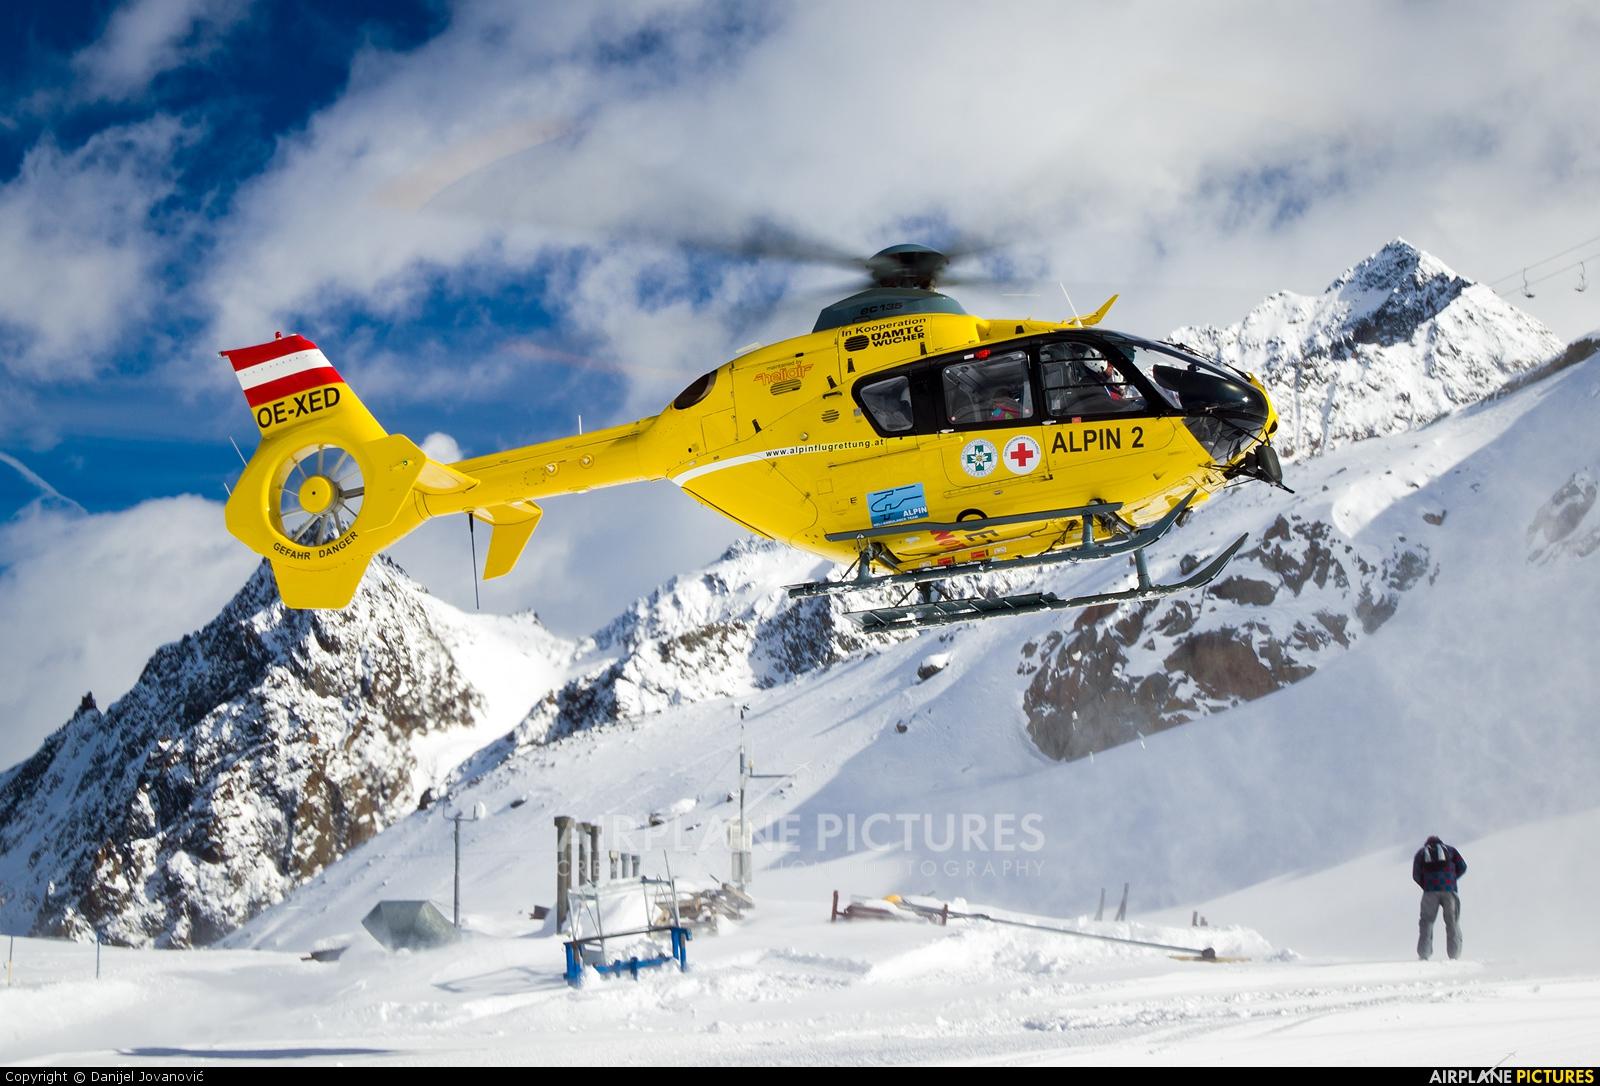 OAMTC OE-XED aircraft at Stubaier Gletscher